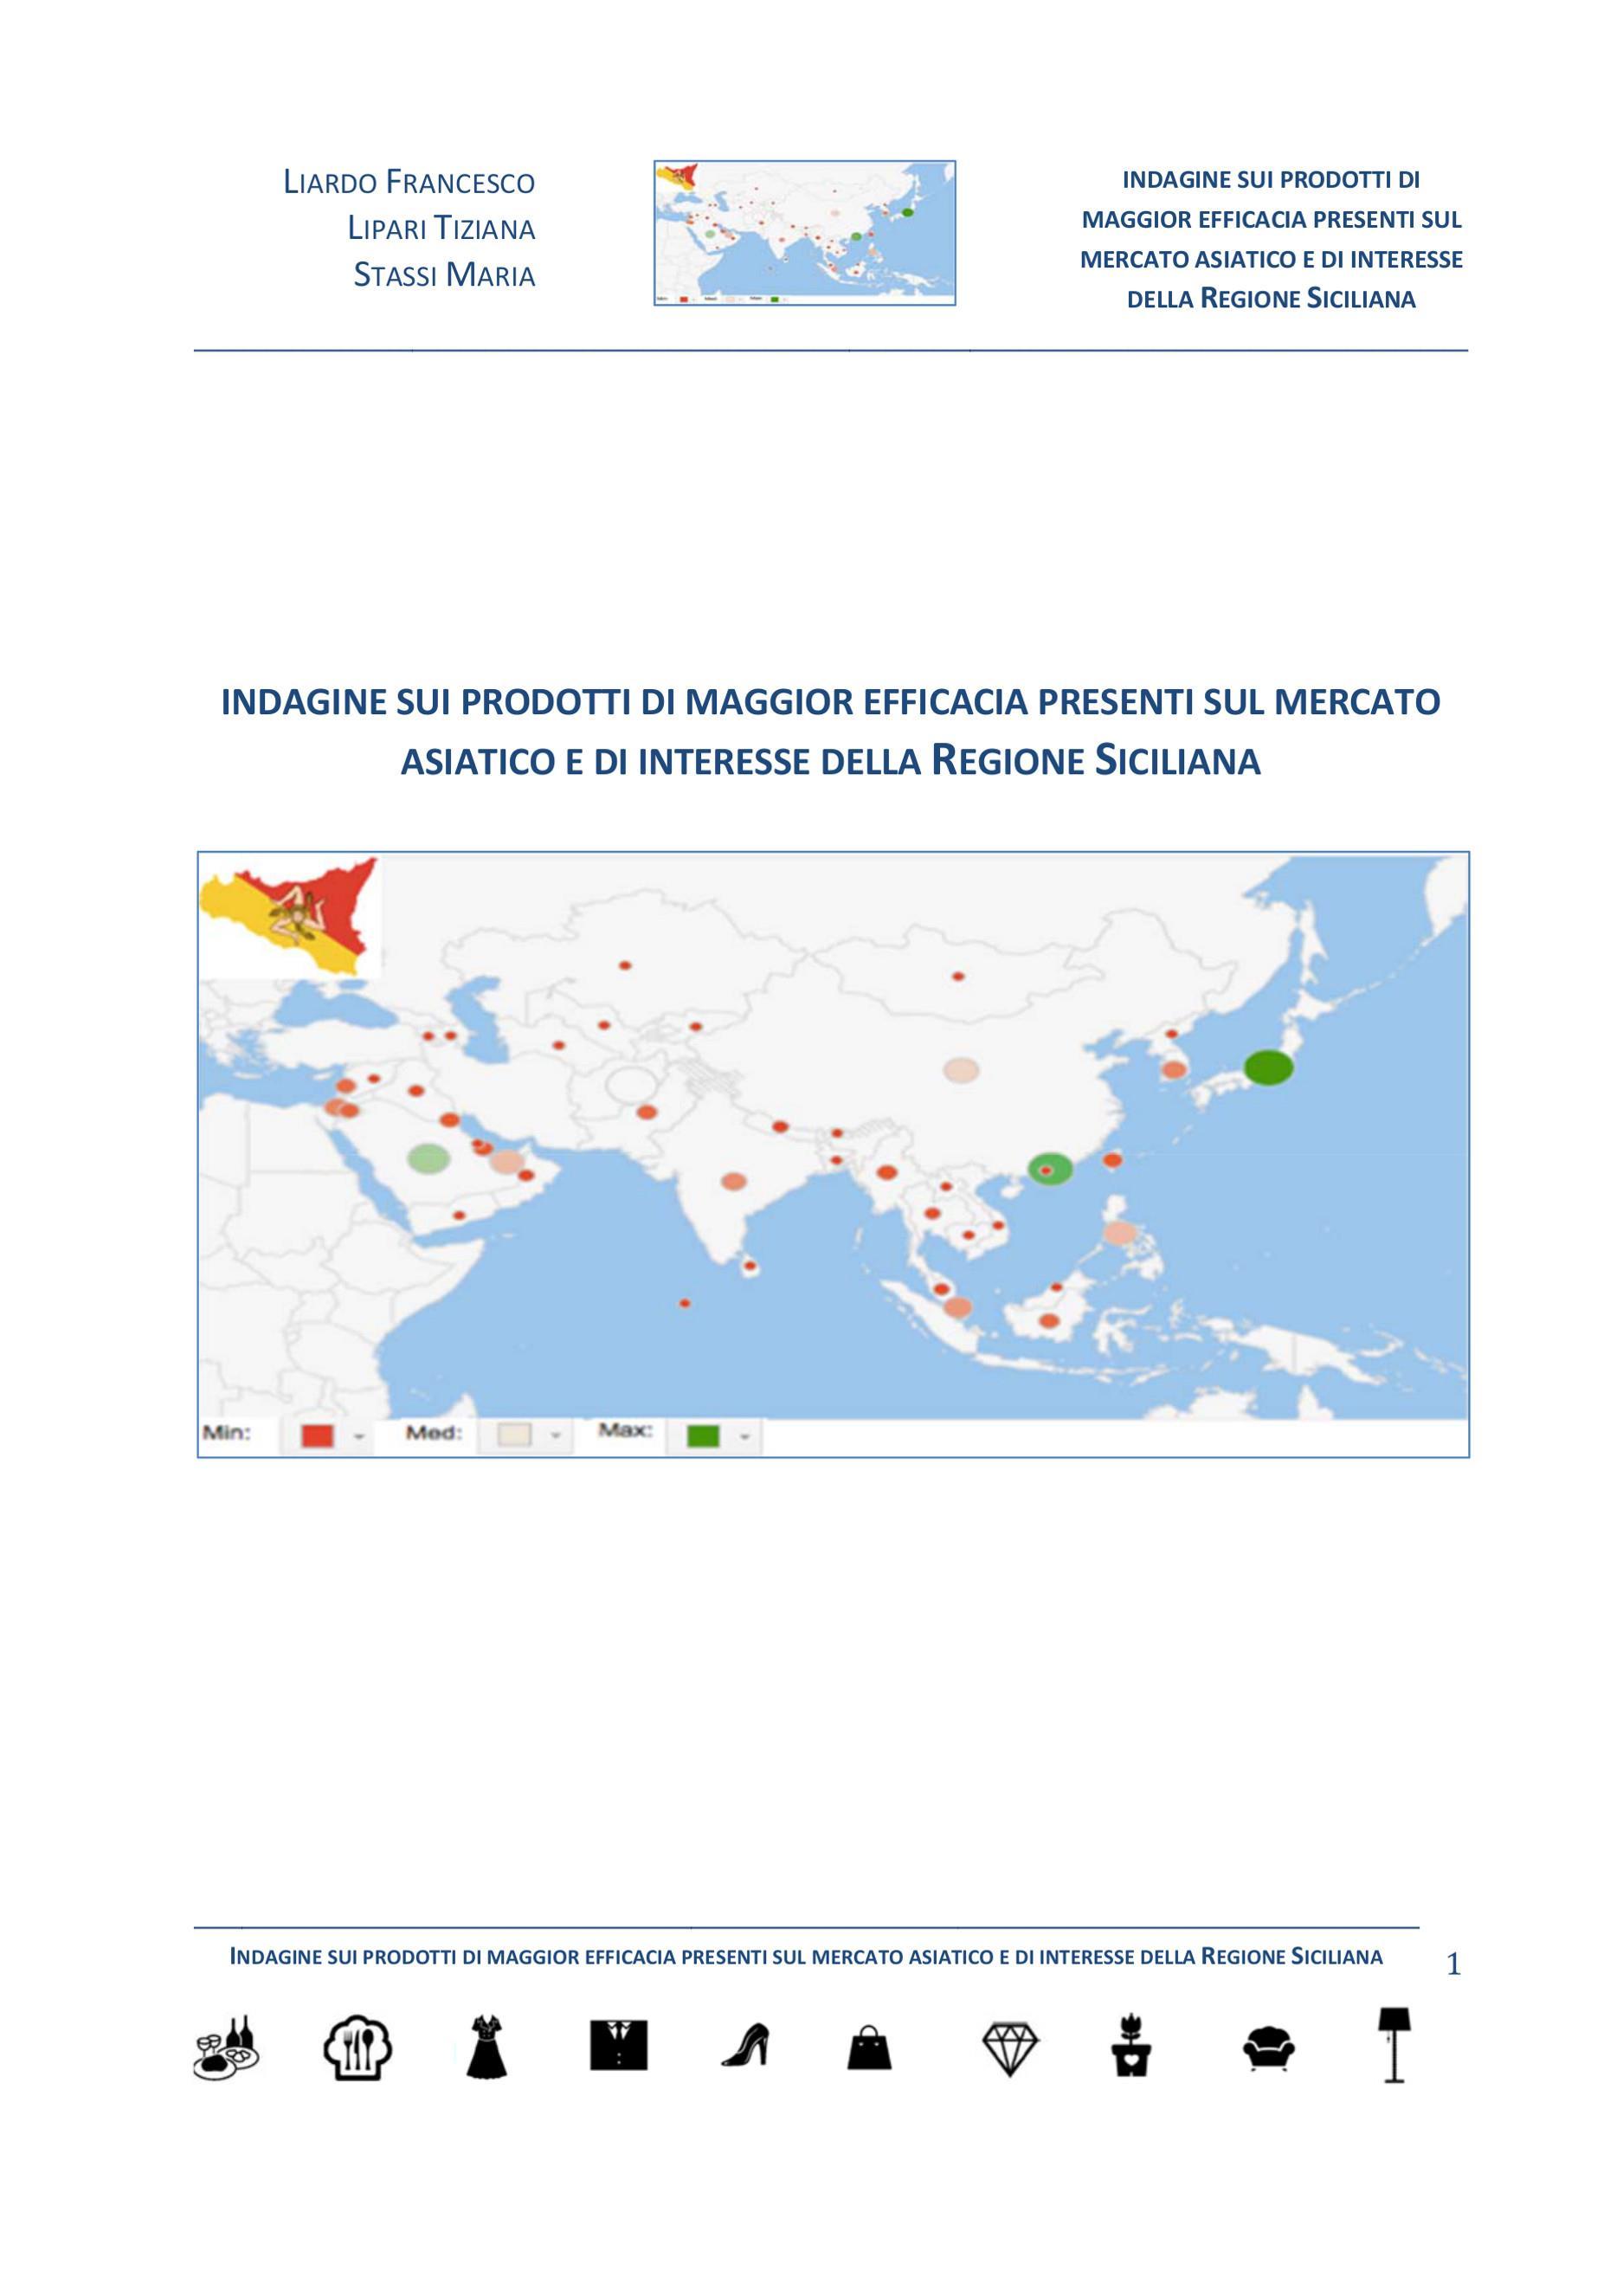 Indagine sui prodotti di maggior efficacia presenti sul mercato asiatico e di interesse della Regione Siciliana